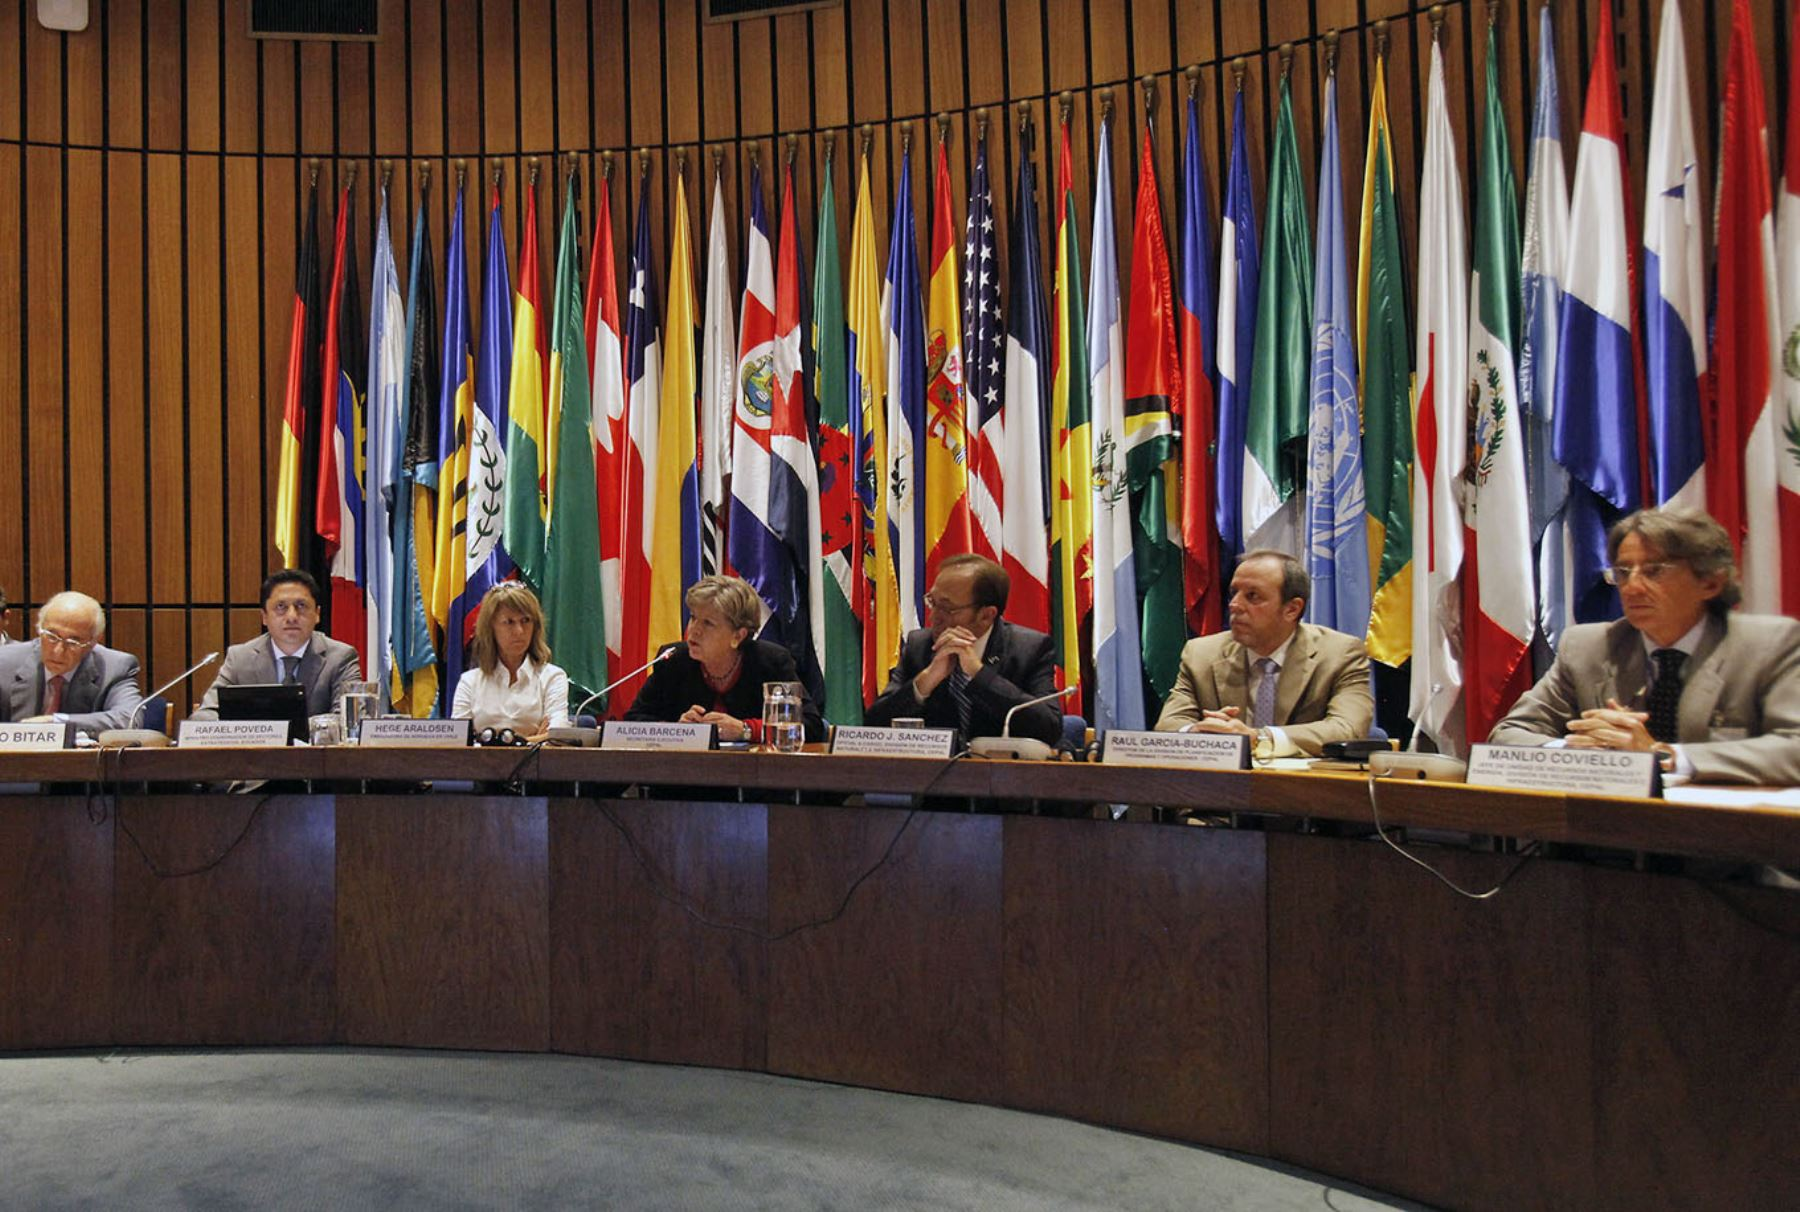 Cepal prevé que economía de América Latina se contraerá 1.8% por coronavirus